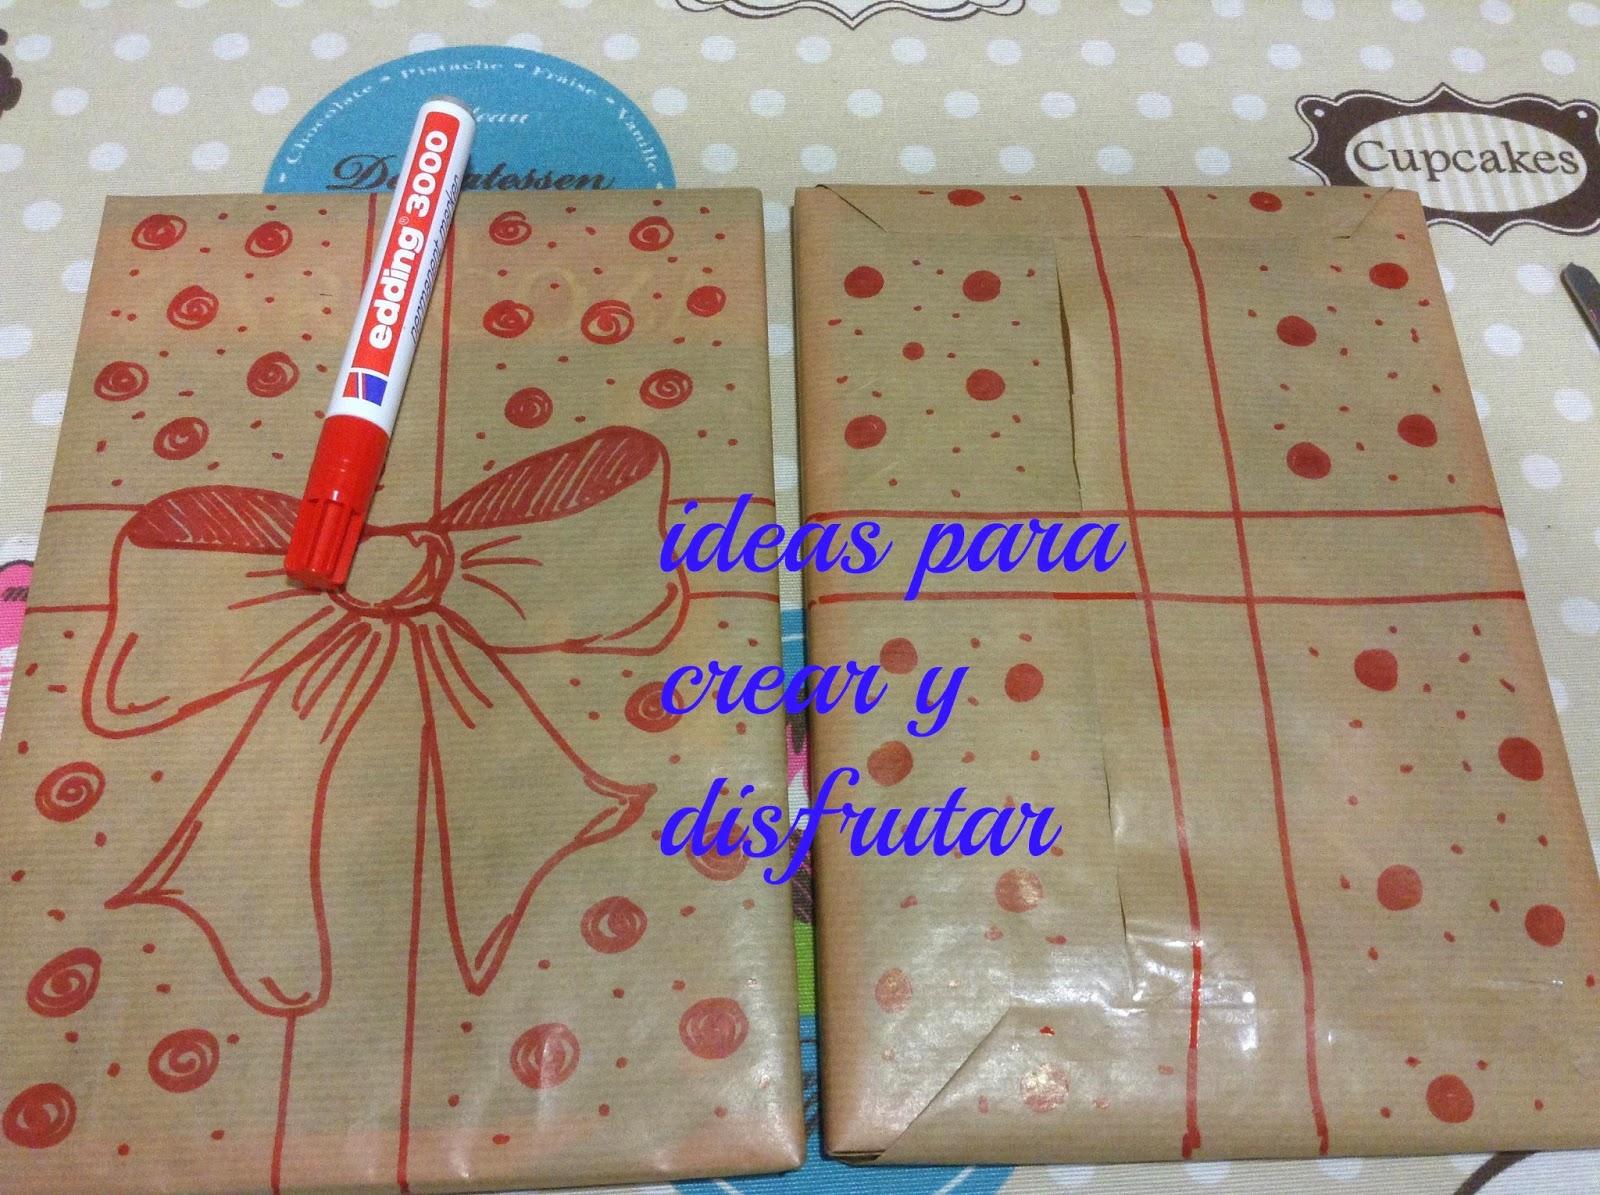 Ideas para crear y disfrutar original papel de regalo - Papel de regalo original ...